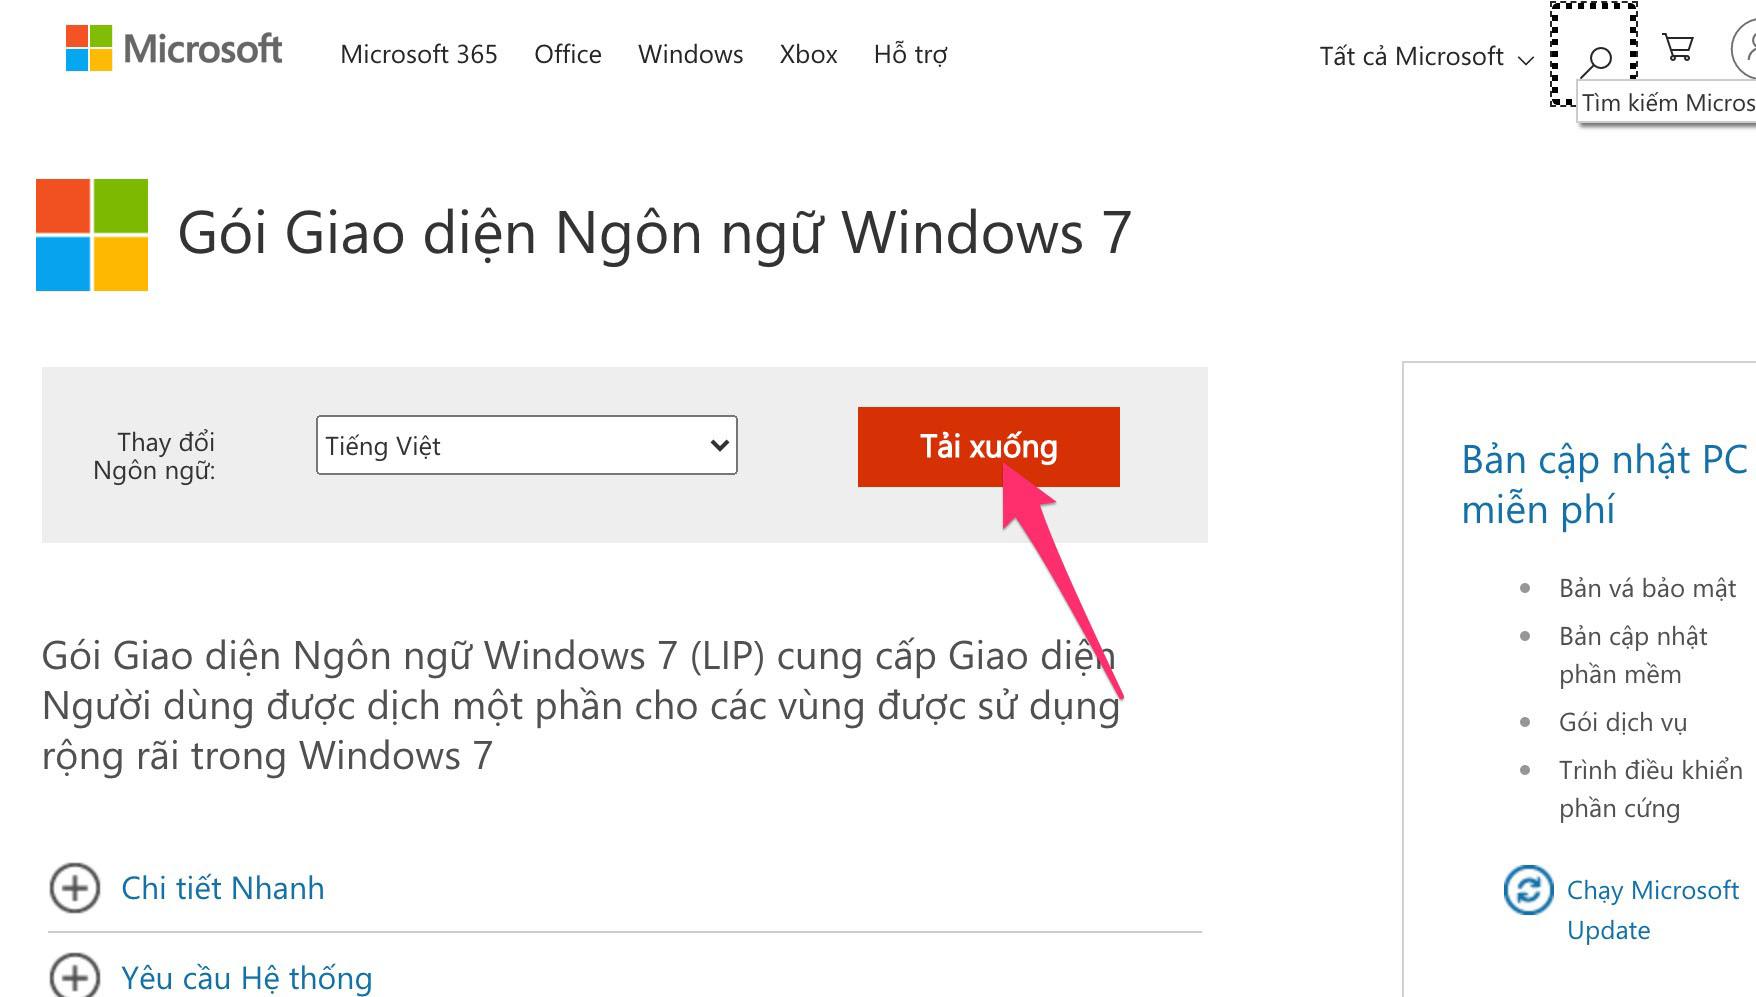 Cách tải cài ngôn ngữ Tiếng Việt cho máy tính Windows 7